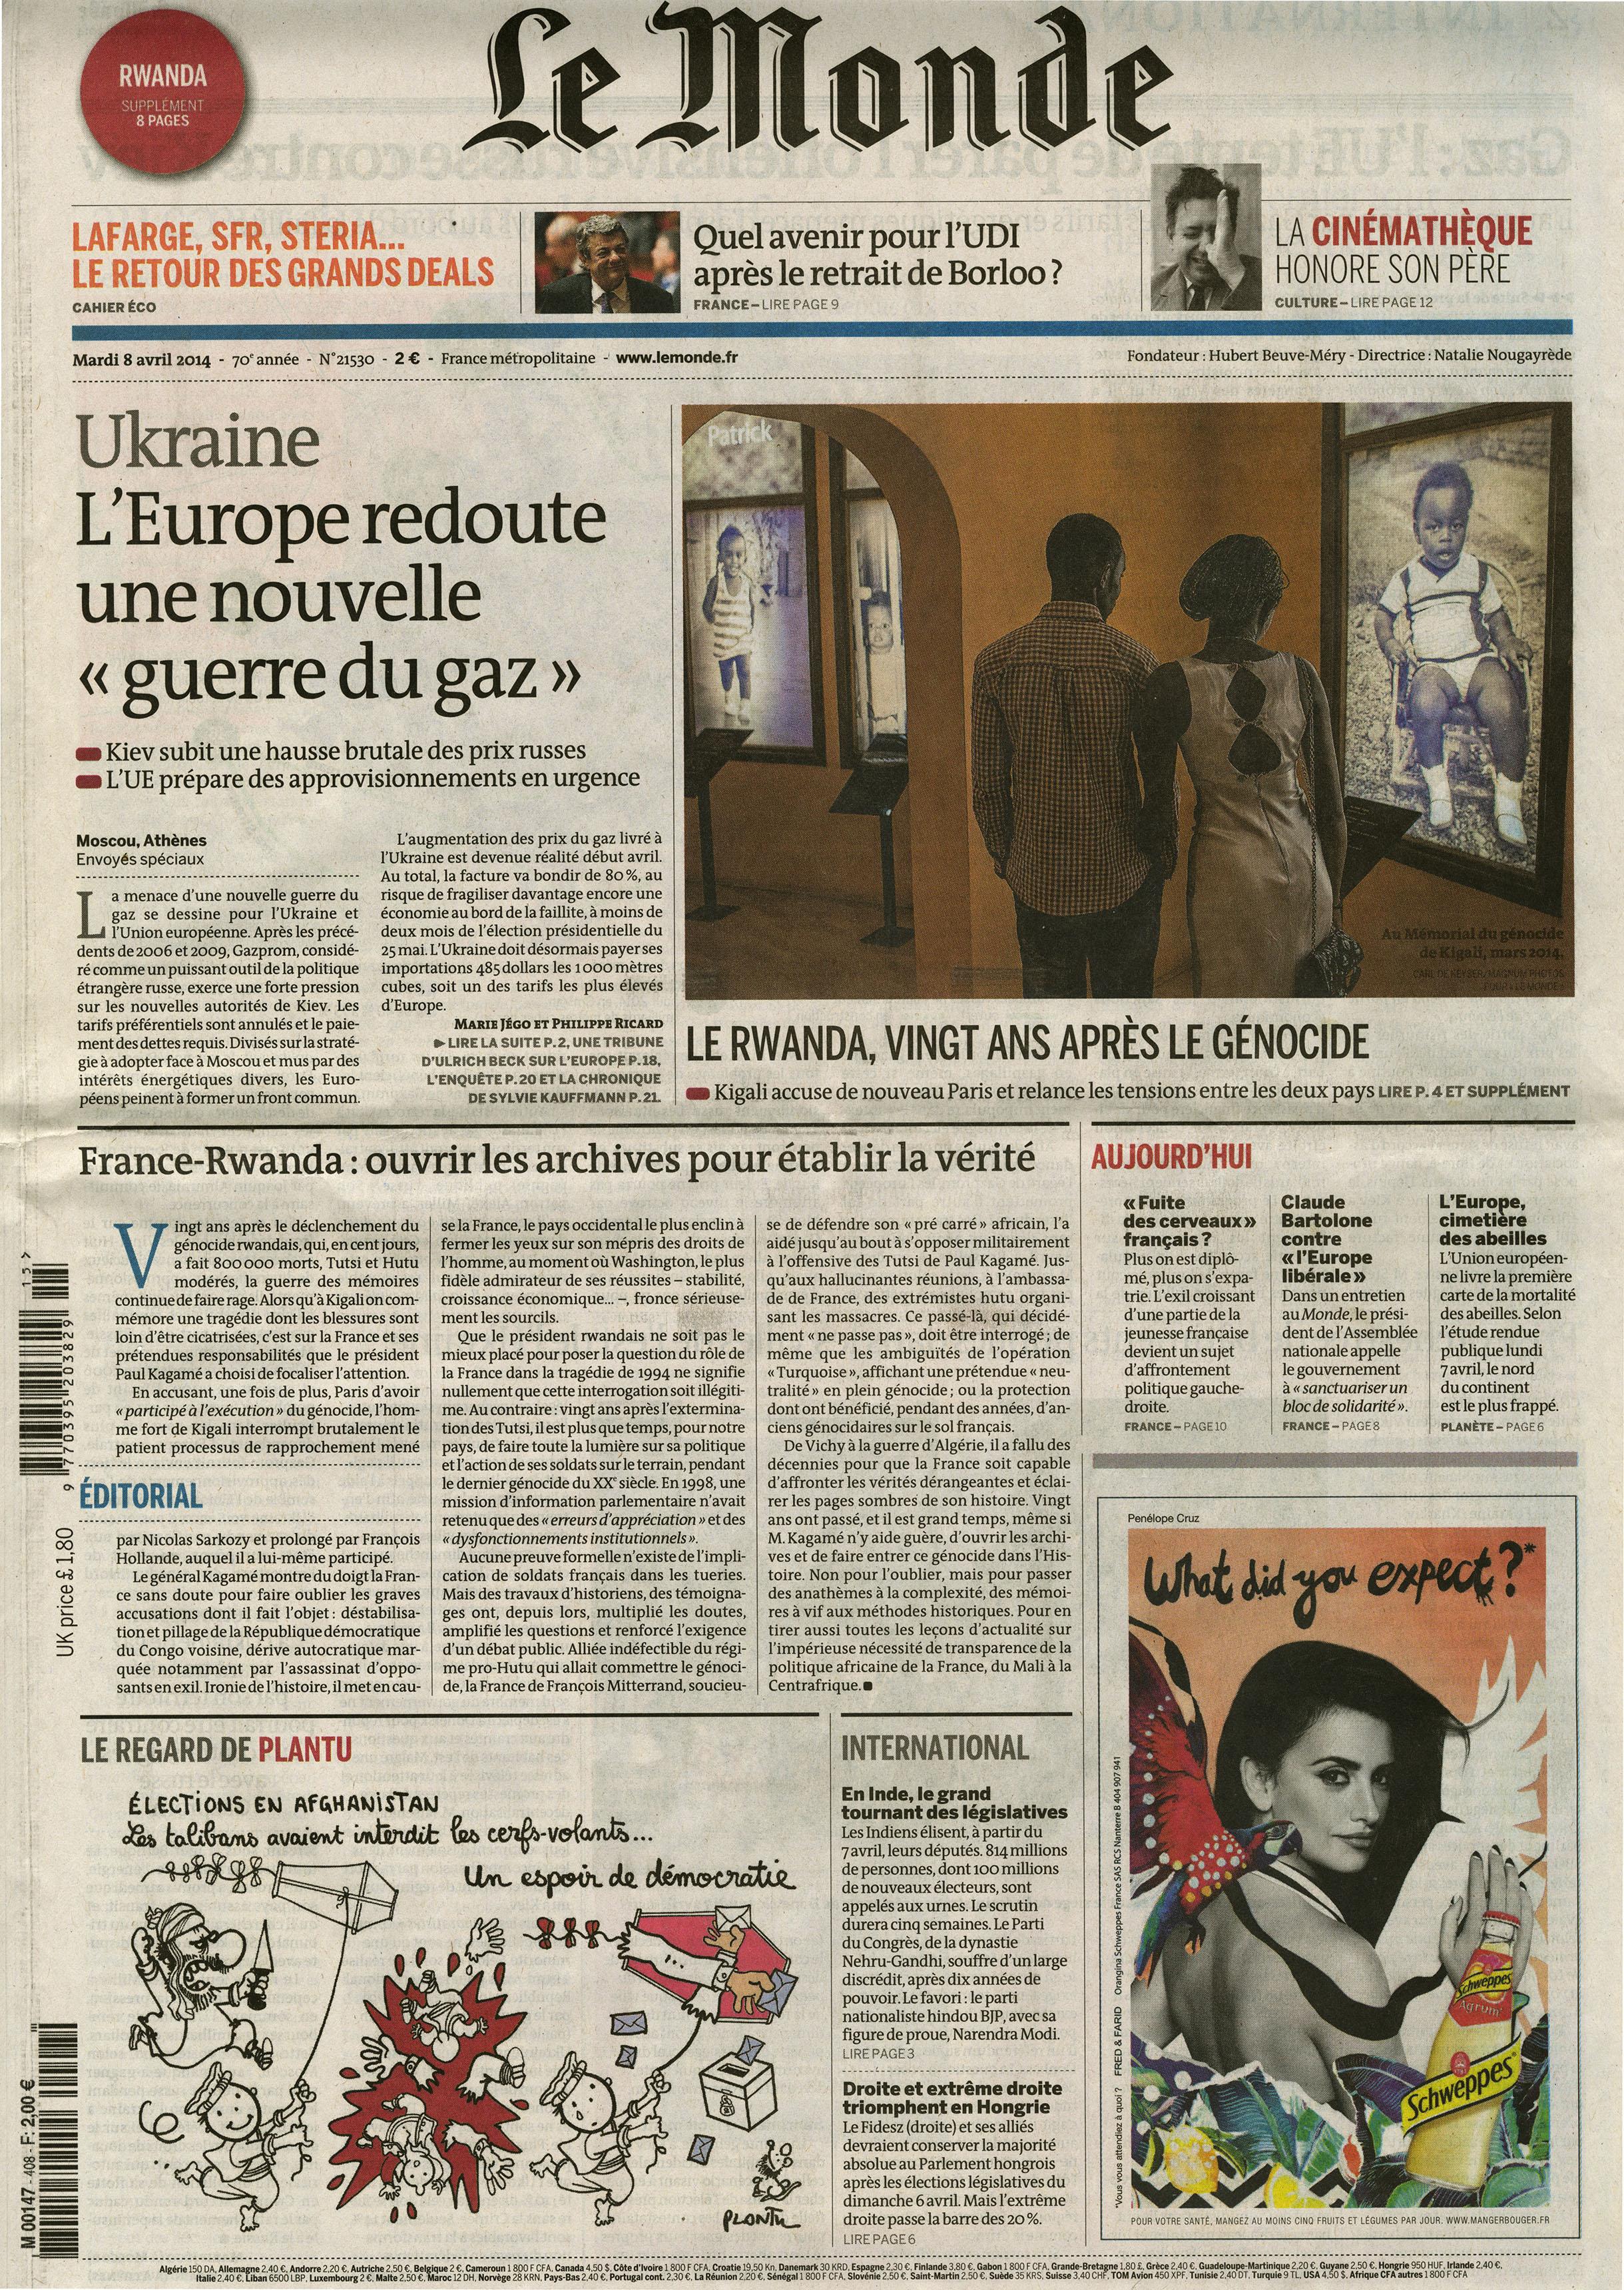 Le Monde (Rwanda)